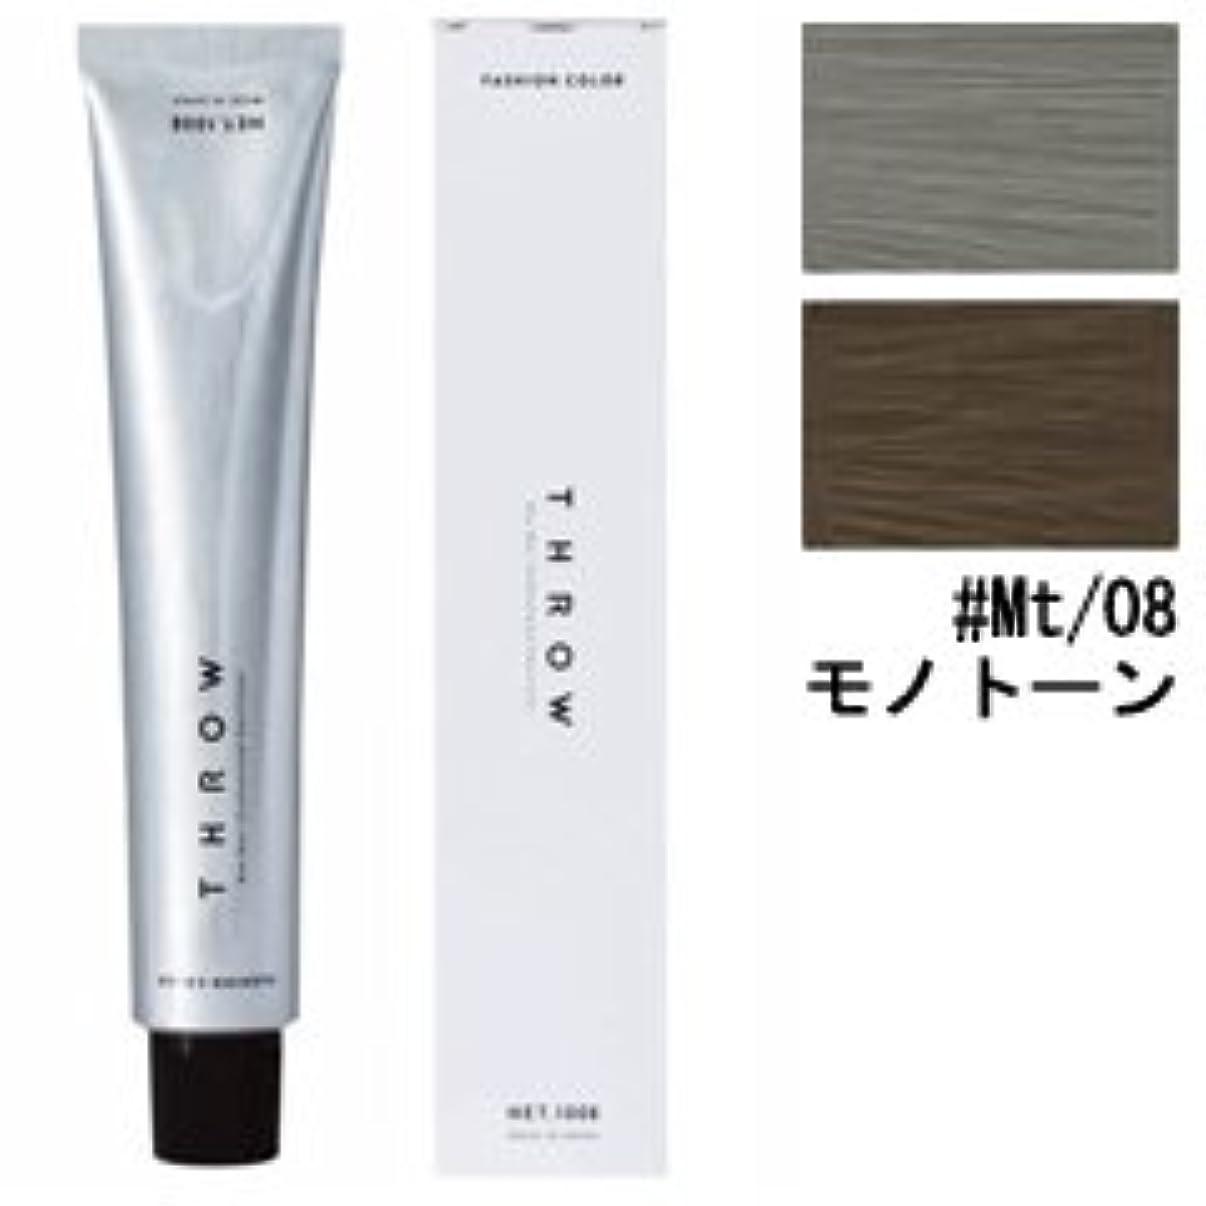 ミキサーたとえ疎外する【モルトベーネ】スロウ ファッションカラー #Mt/08 モノトーン 100g